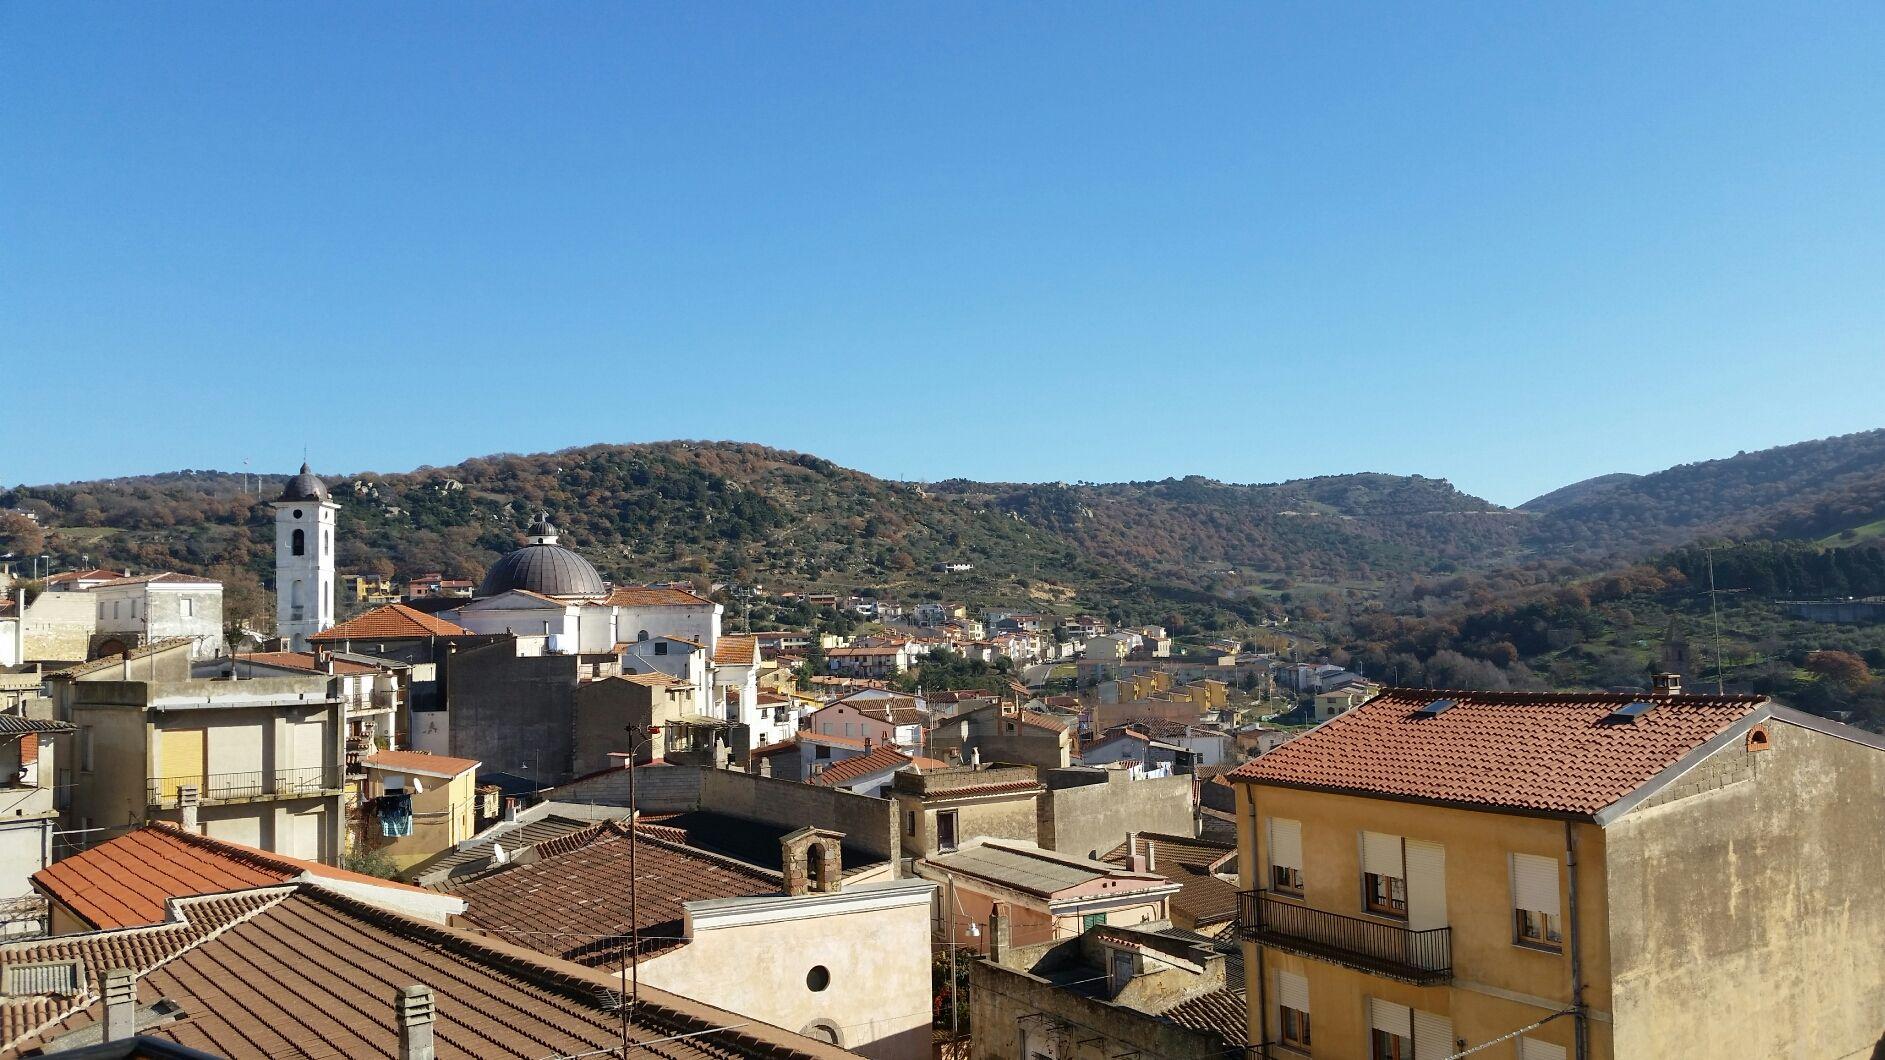 L'anticiclone subtropicale che ha dominato in lungo e in largo per tutto il mese di Dicembre non ha risparmiato il Centro Sardegna, nello specifico la zona settentrionale del massiccio del Gennargentu, conosciuta come Barbagia.